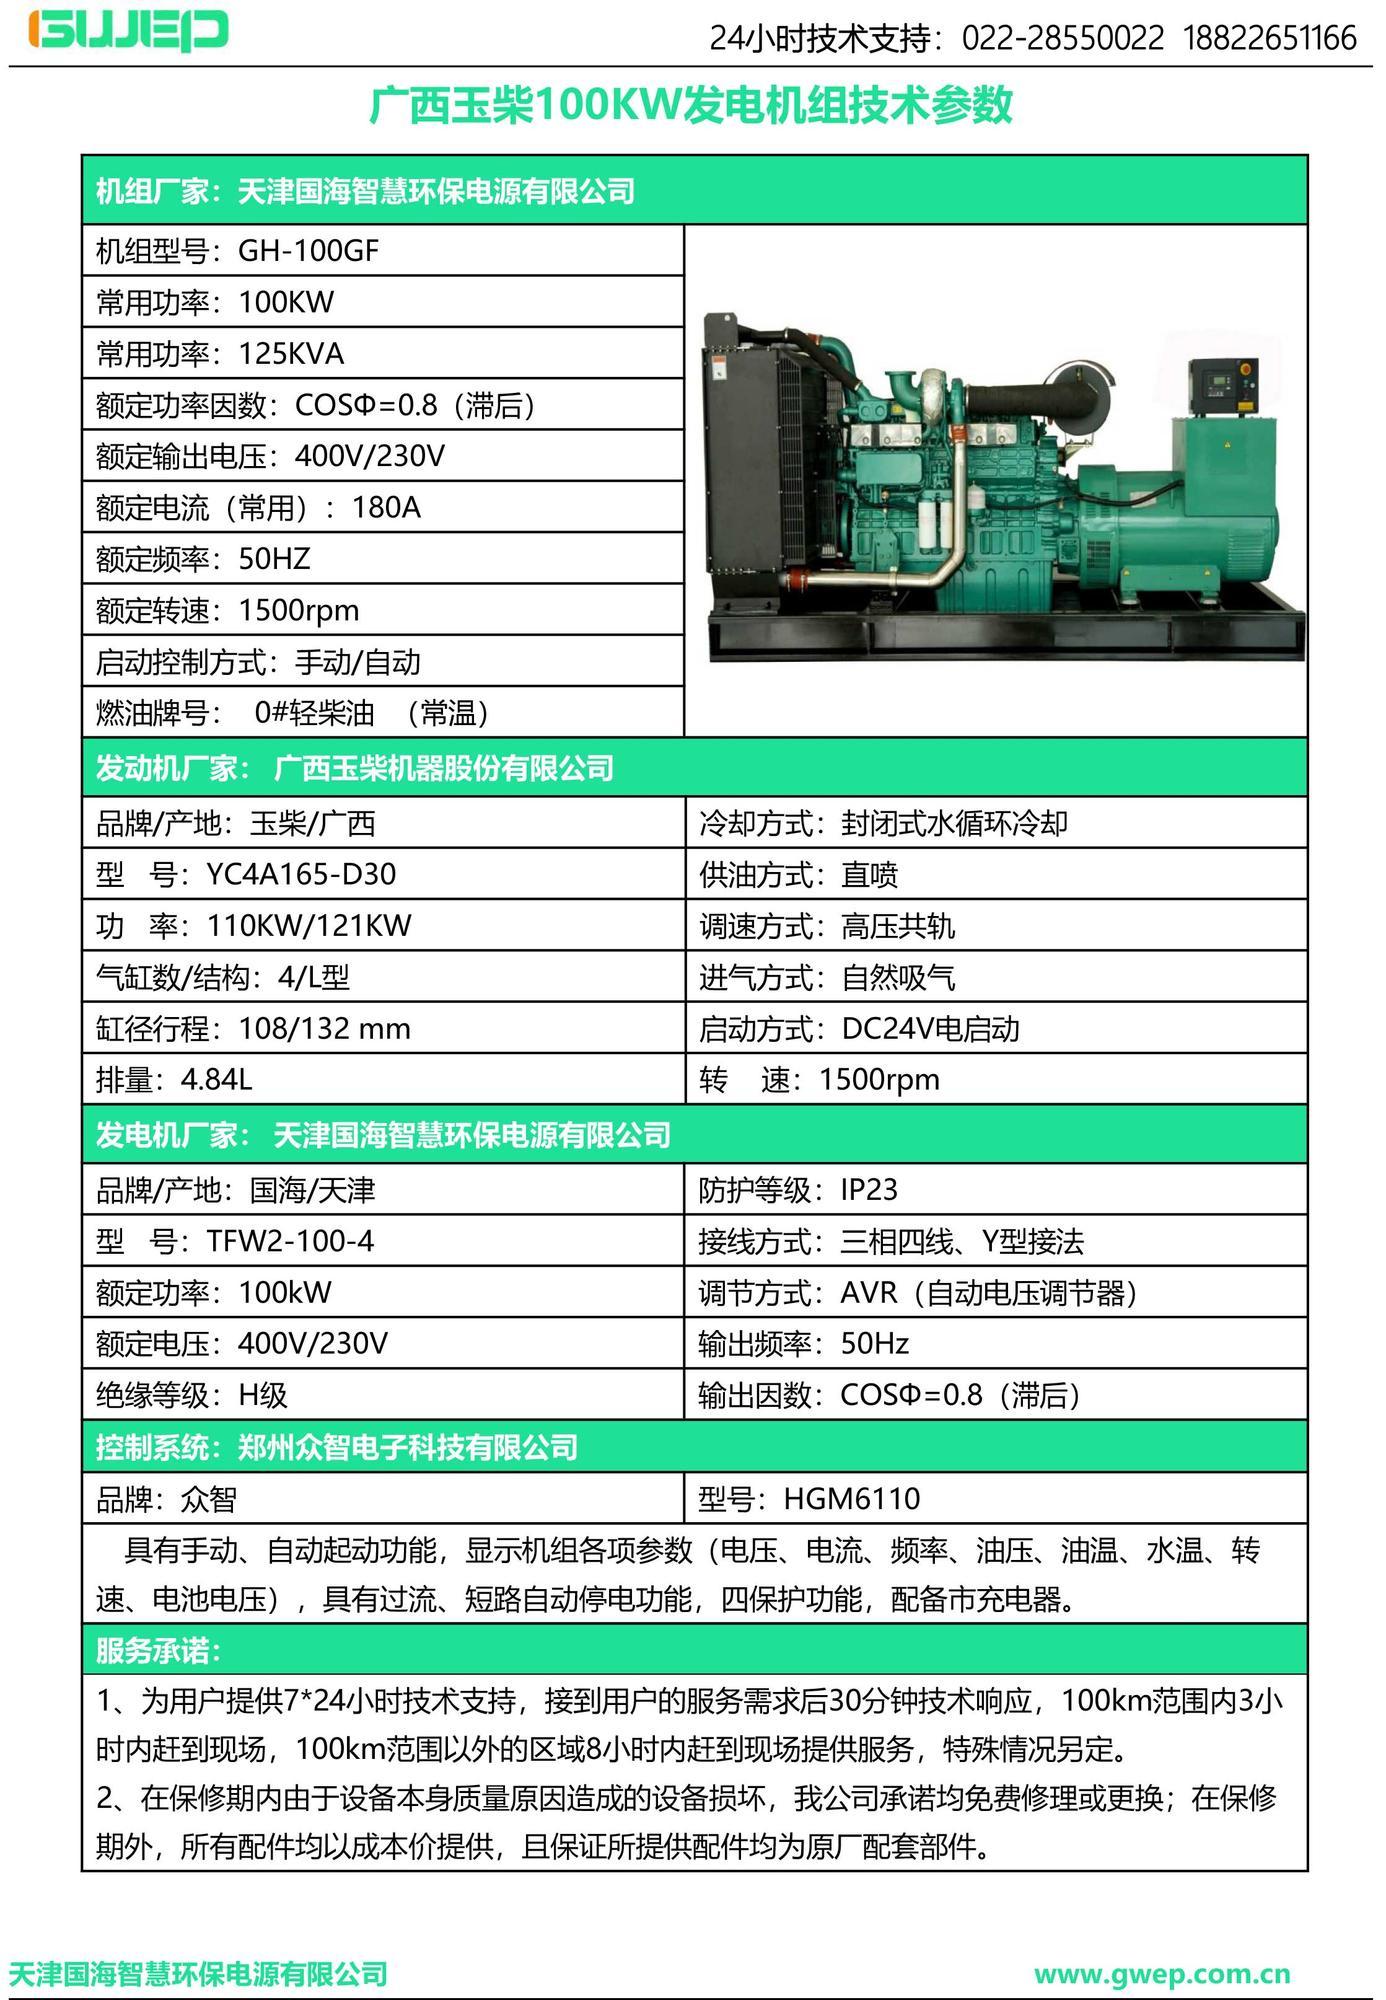 玉柴100KW发电机组技术资料-2.jpg